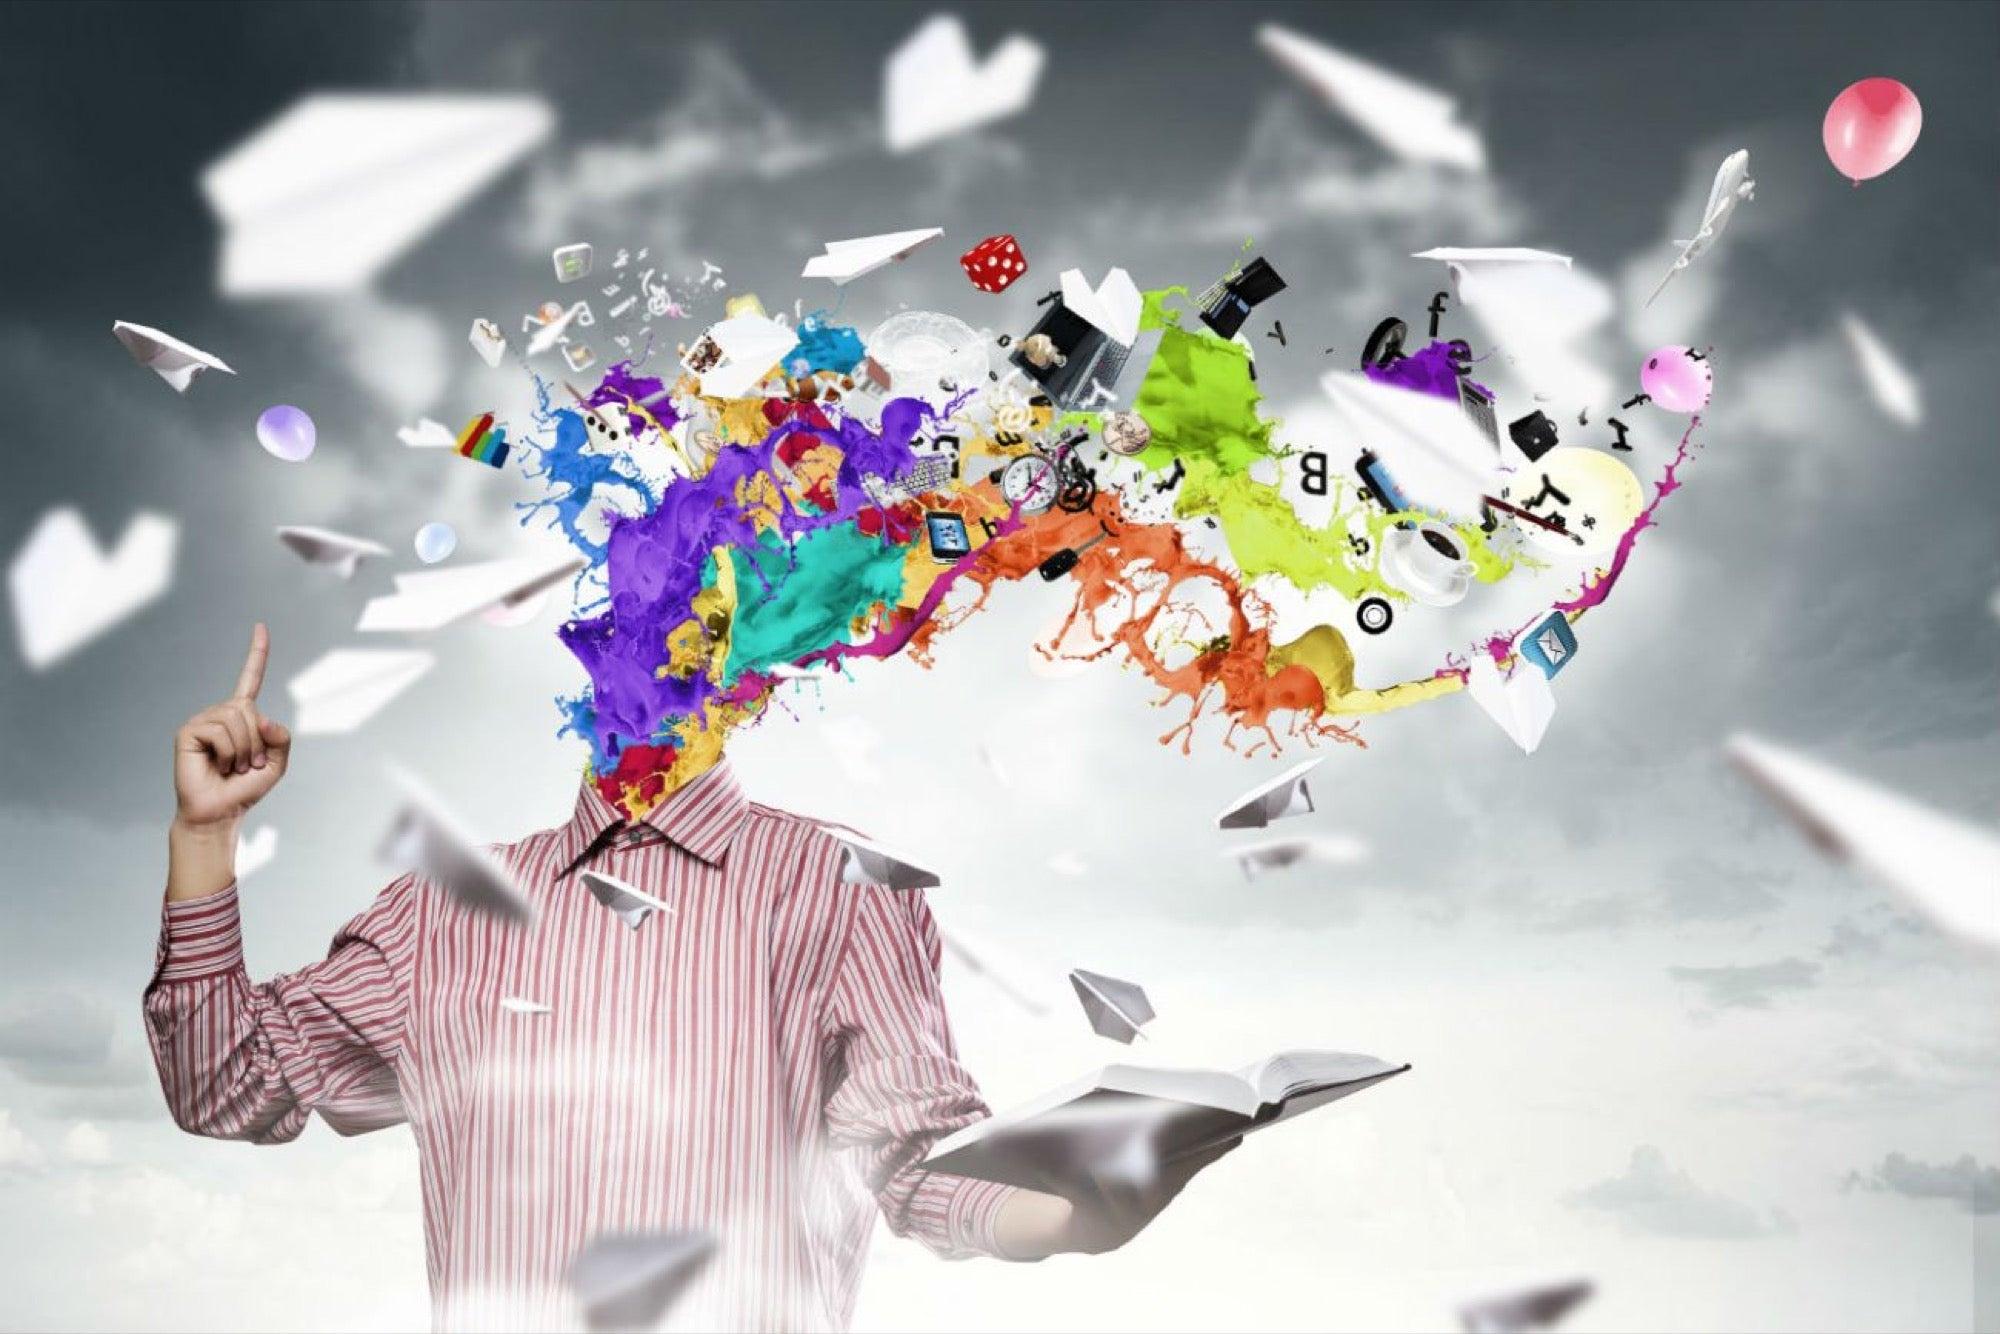 Taller sobre Creatividad e Innovación.